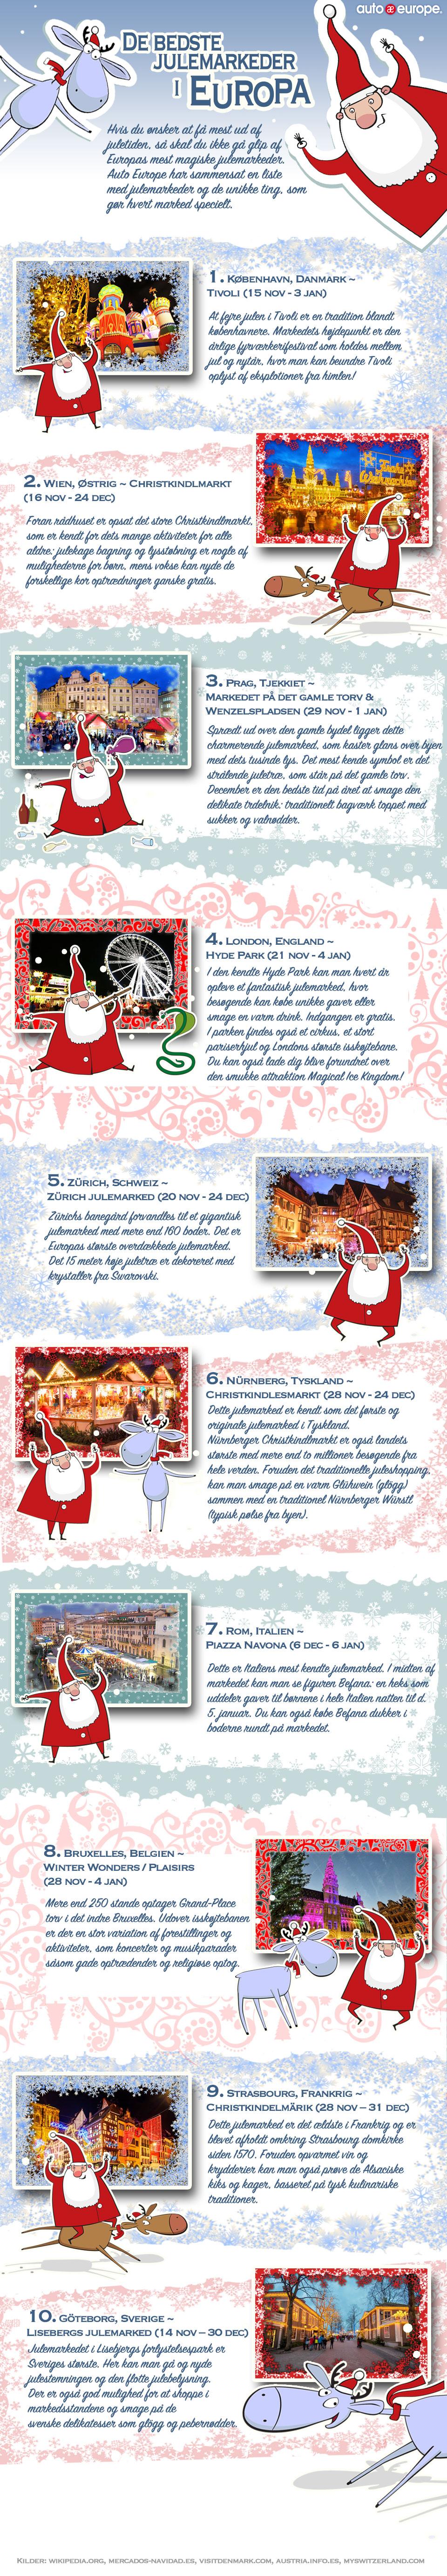 Infographic: De bedste julemarkeder i Europa - Find flere af vores infografikker her: http://www.autoeurope.dk/go/infographics/